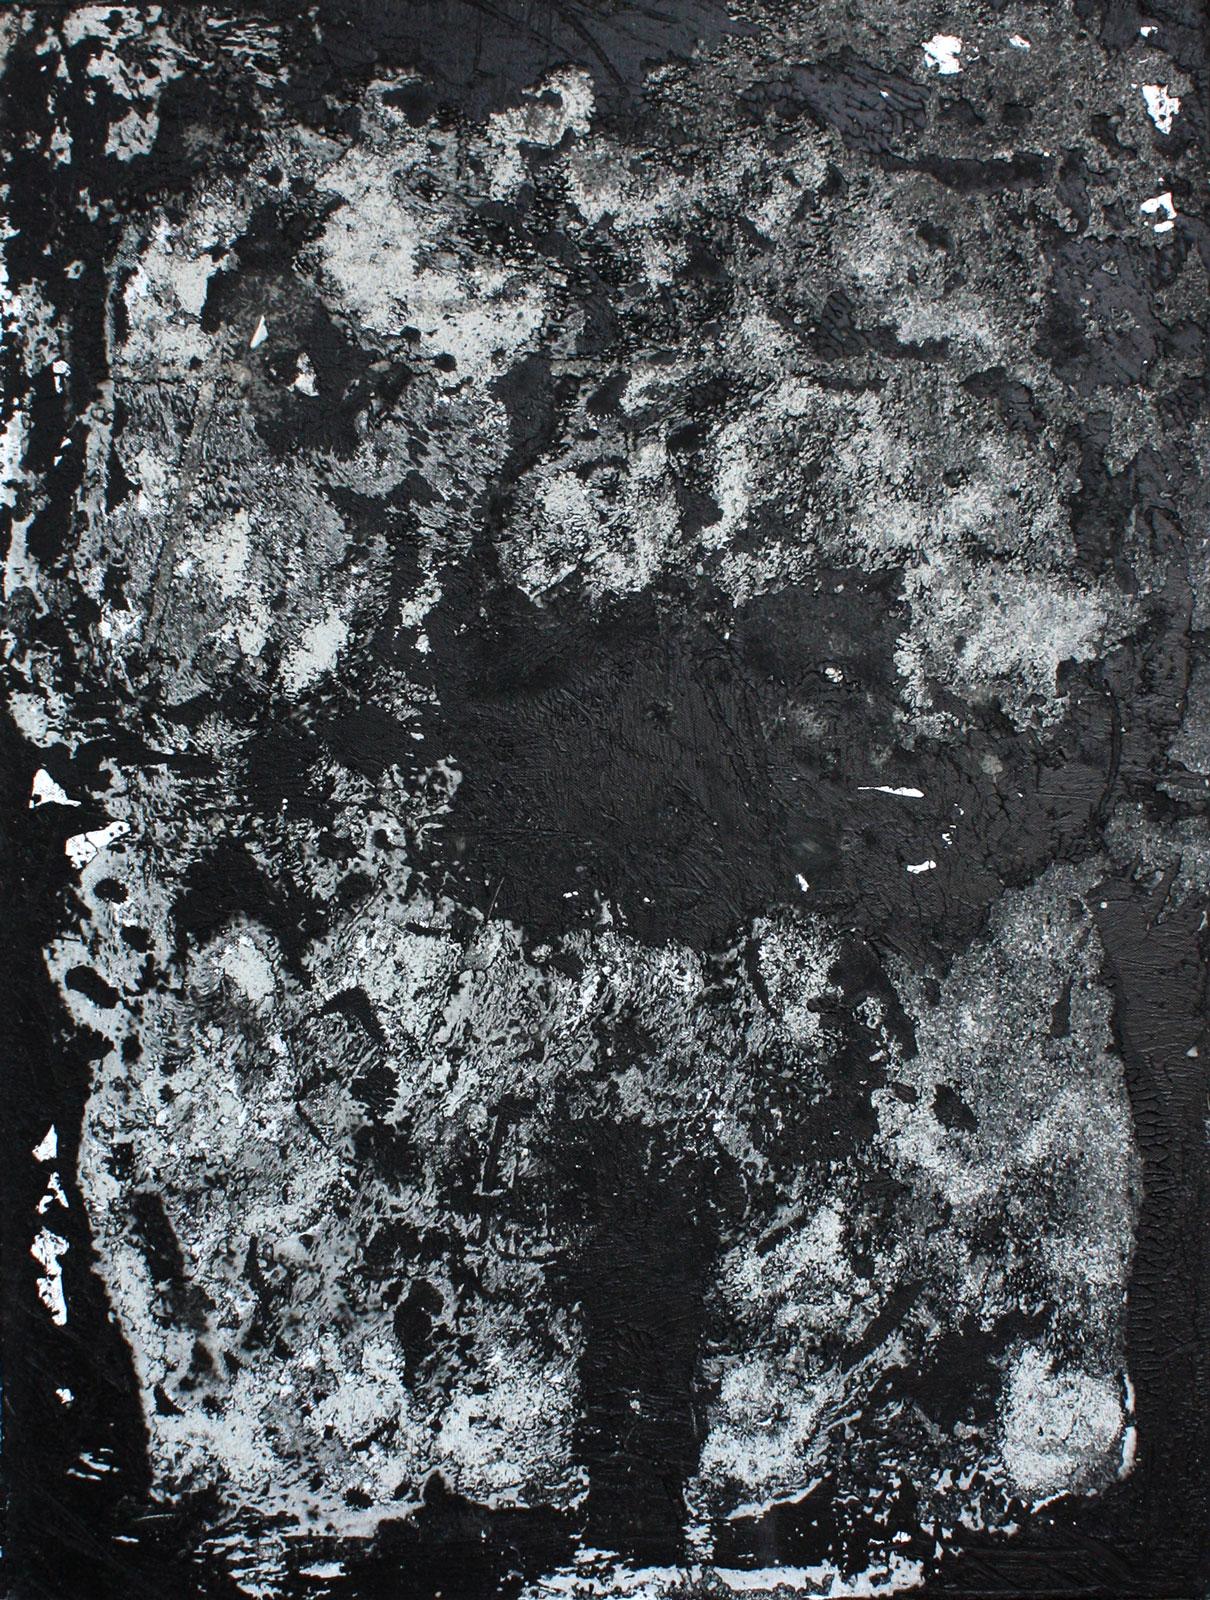 Abstrakt 2 | Acryl, Mixed Media | 60 x 80 cm